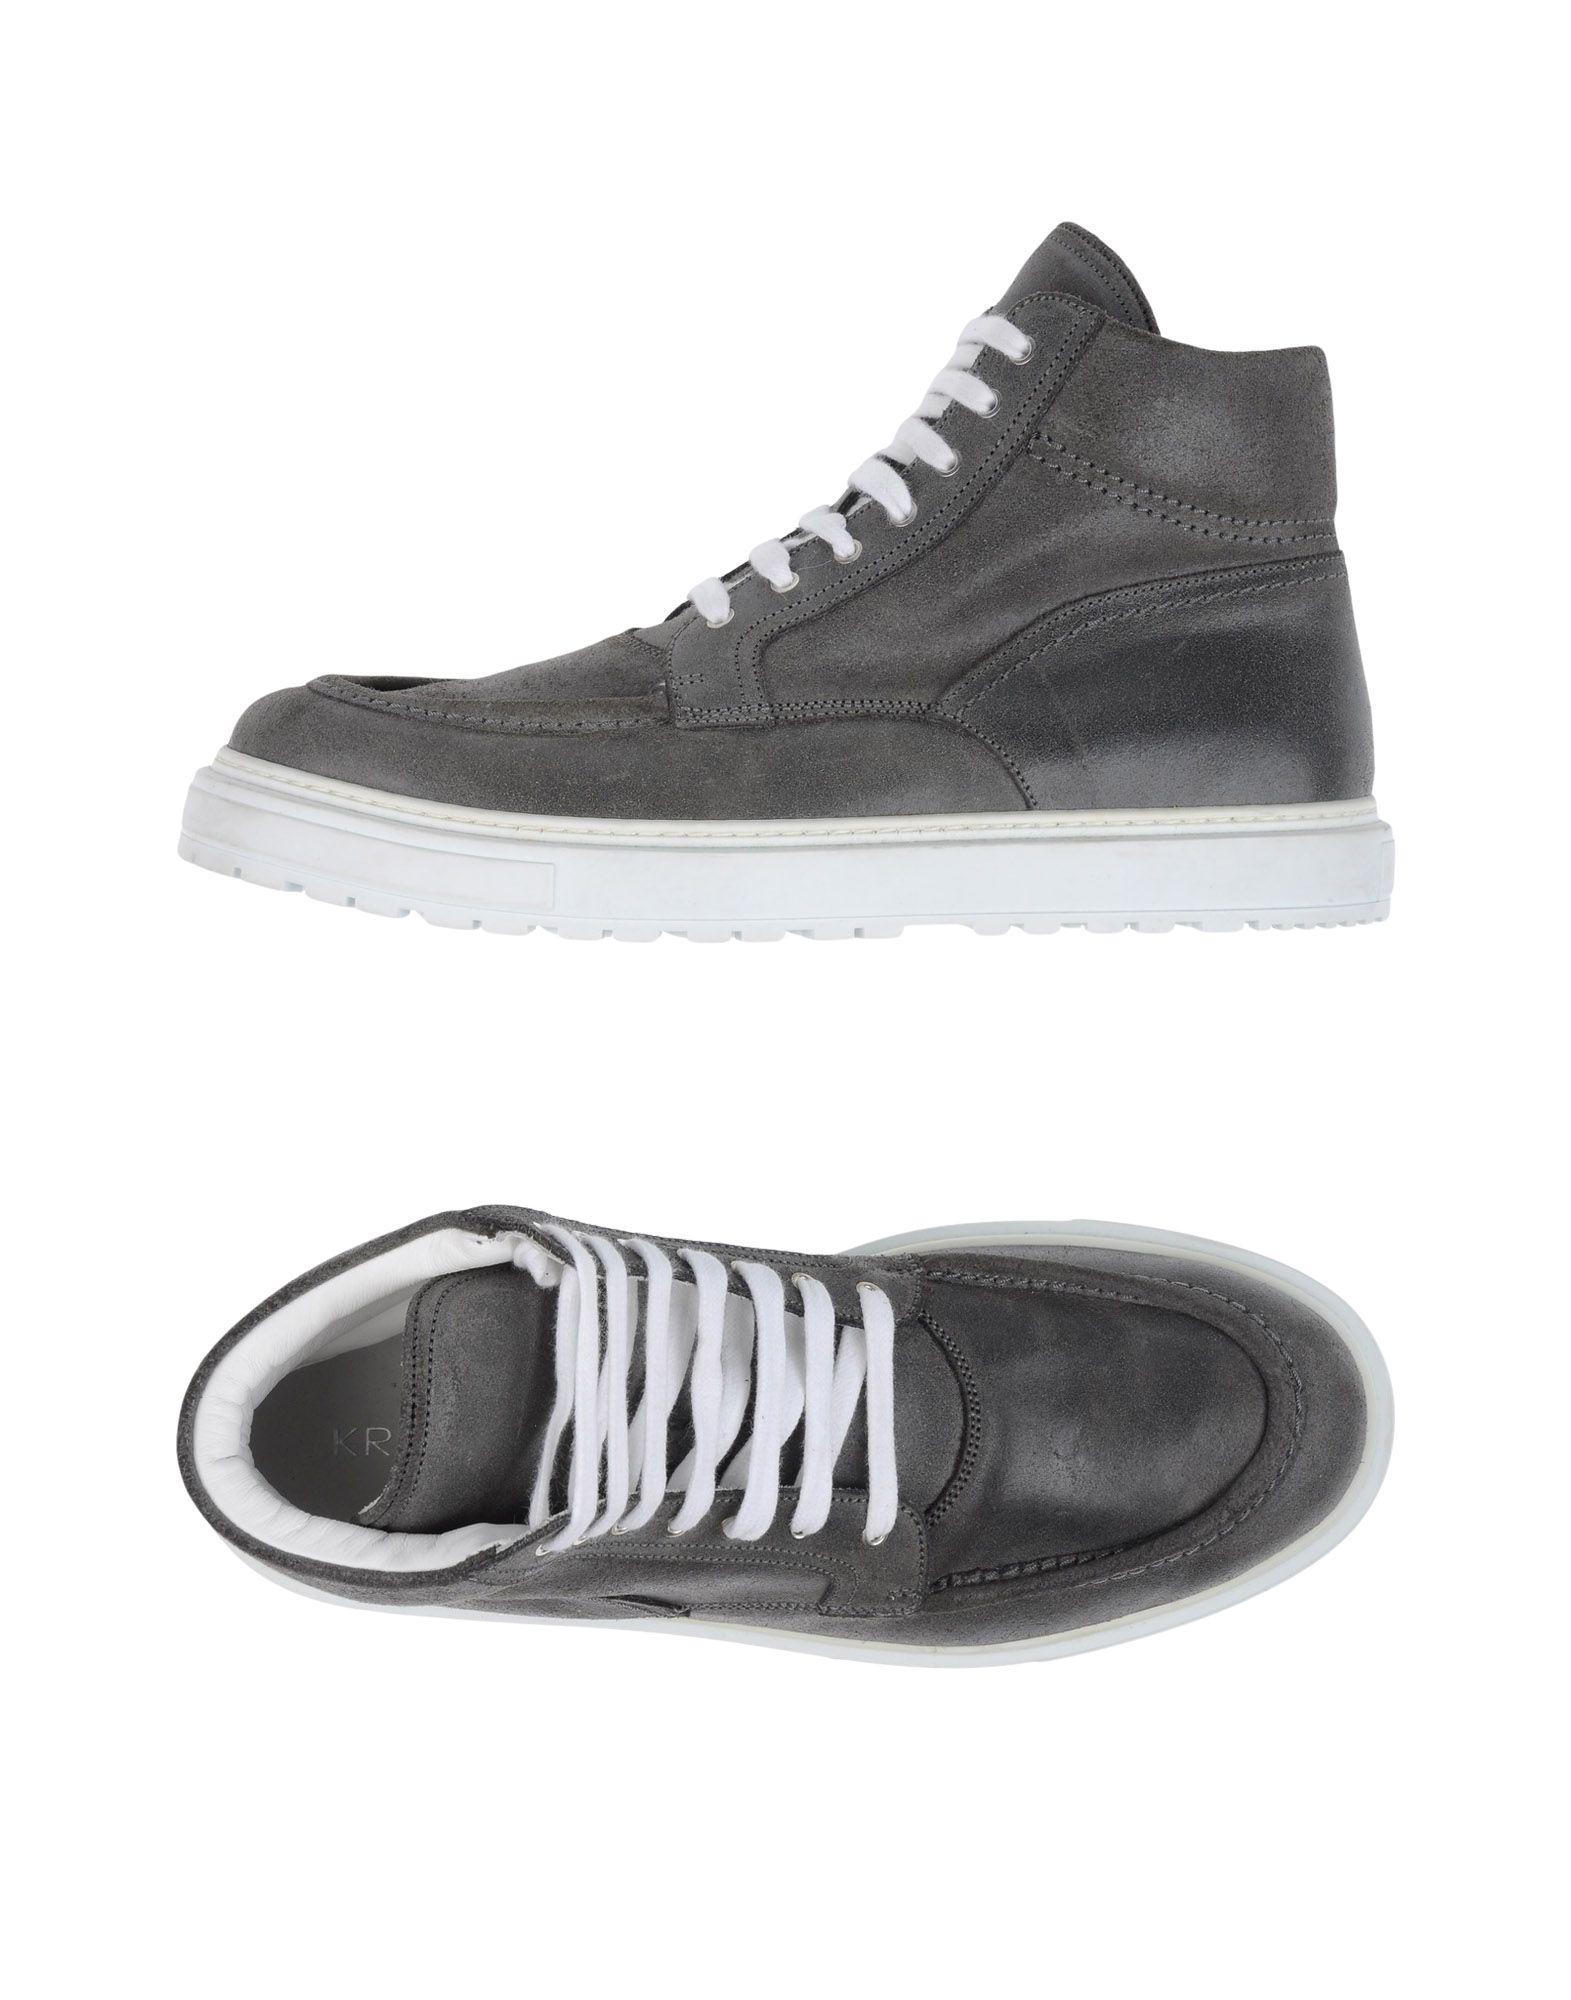 Krisvanassche Sneakers Herren  11244411MG Gute Qualität beliebte Schuhe